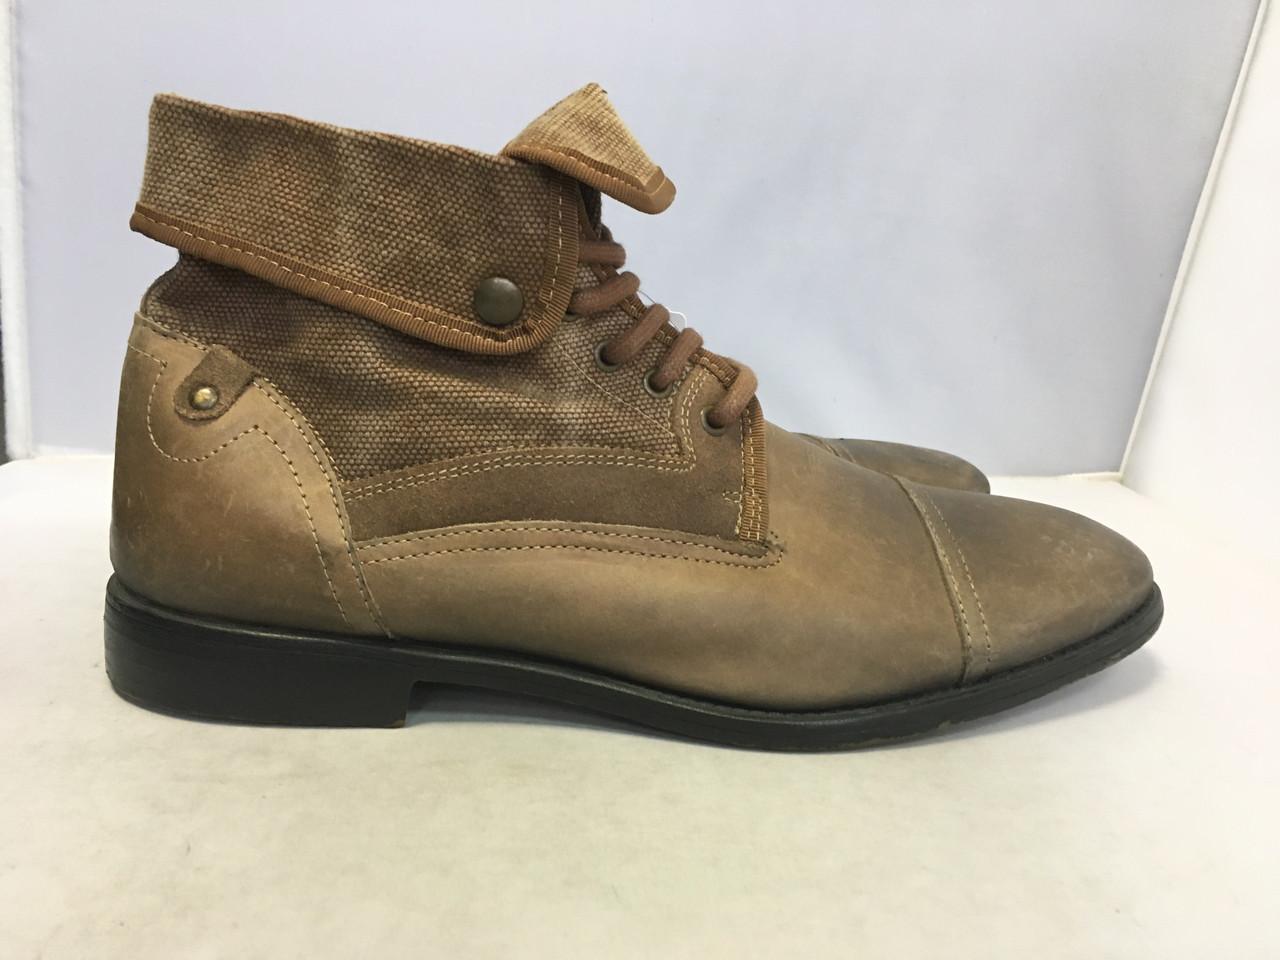 Мужские ботинки San Marina, 46 размер